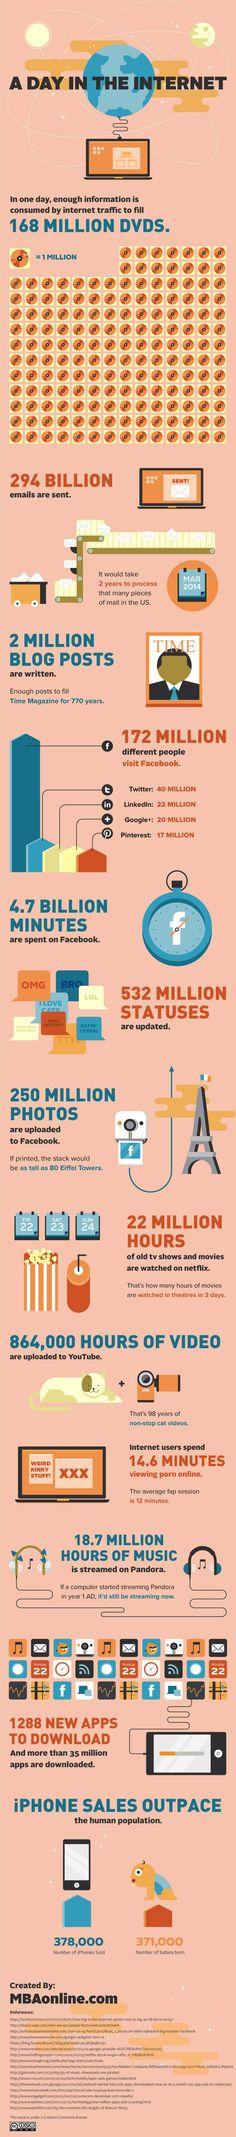 Infografía sobre la actividad de un día en internet